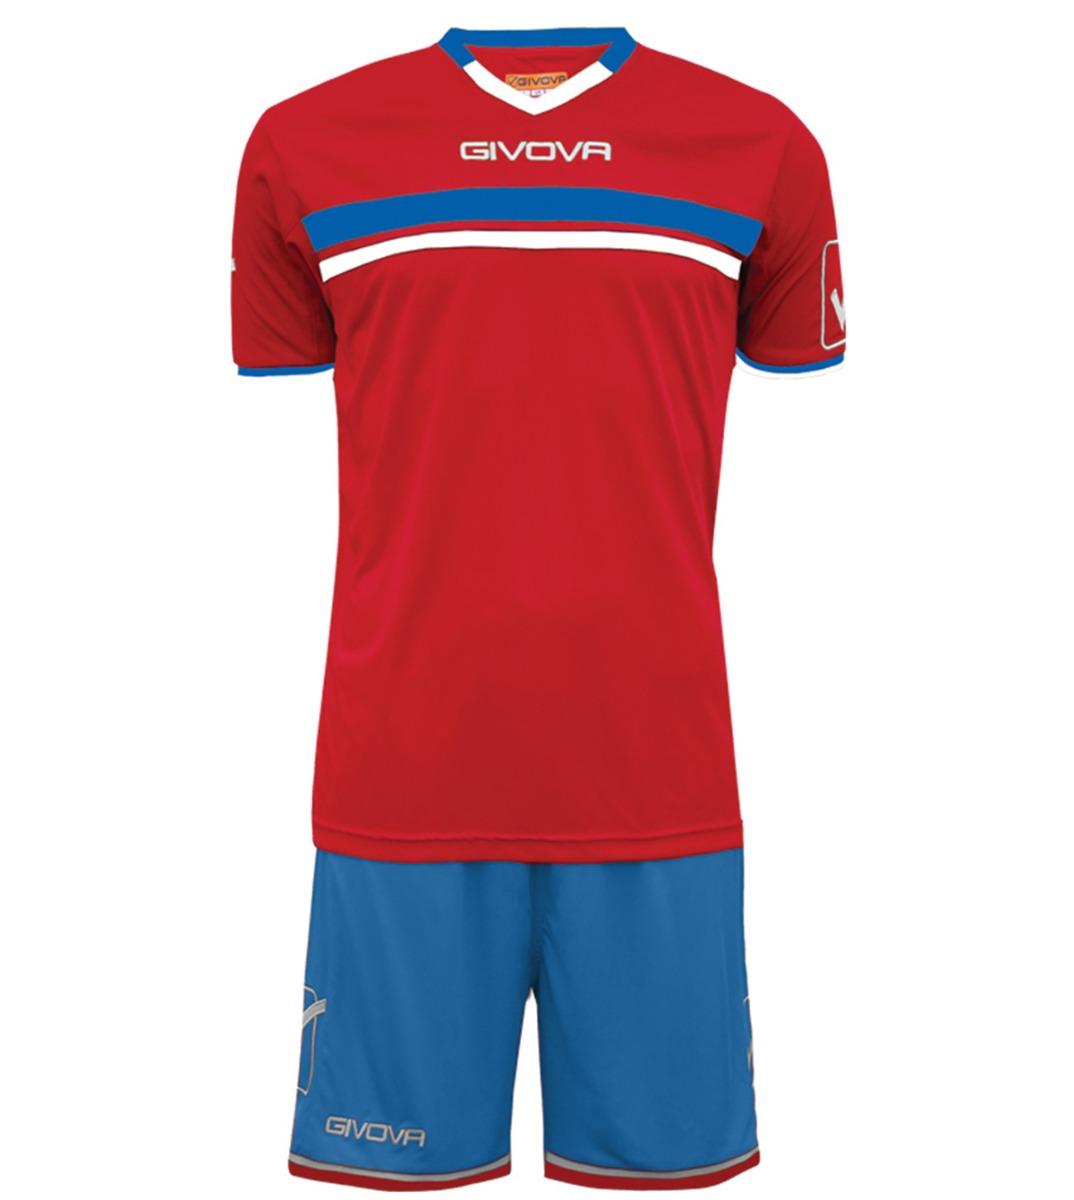 Kit-Game-Calcio-Sport-GIVOVA-Abbigliamento-Sportivo-Uomo-Calcistico-GIOSAL miniatura 13